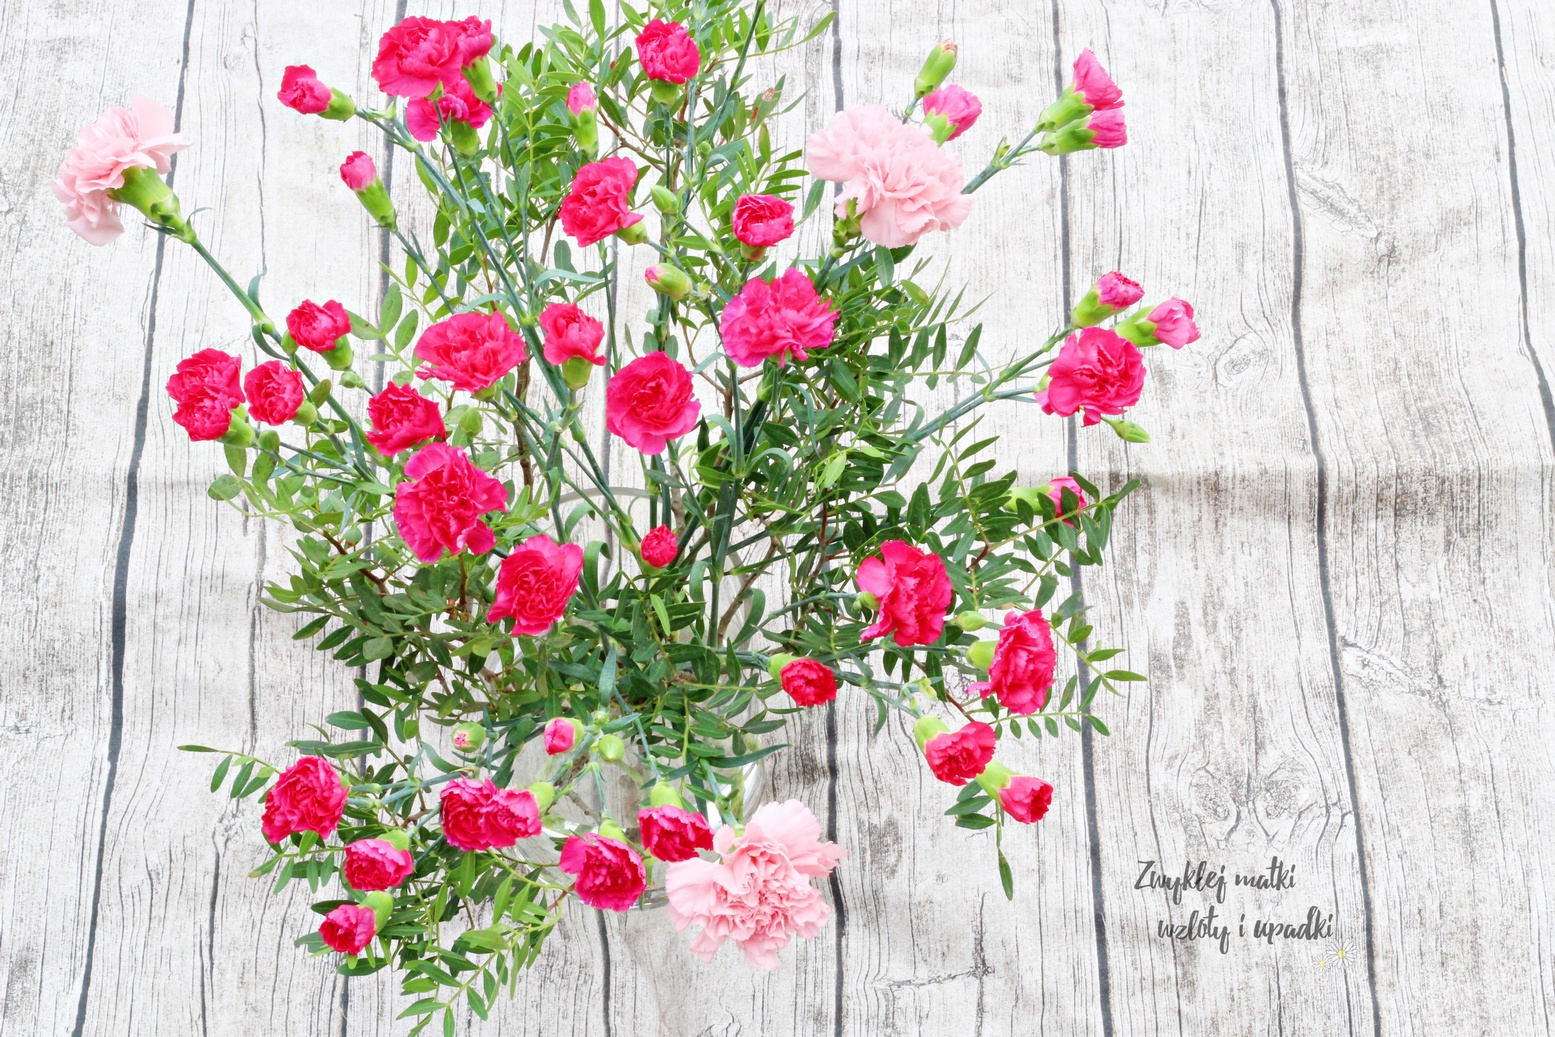 Jak łatwo ułożyć kwiaty w wazonie